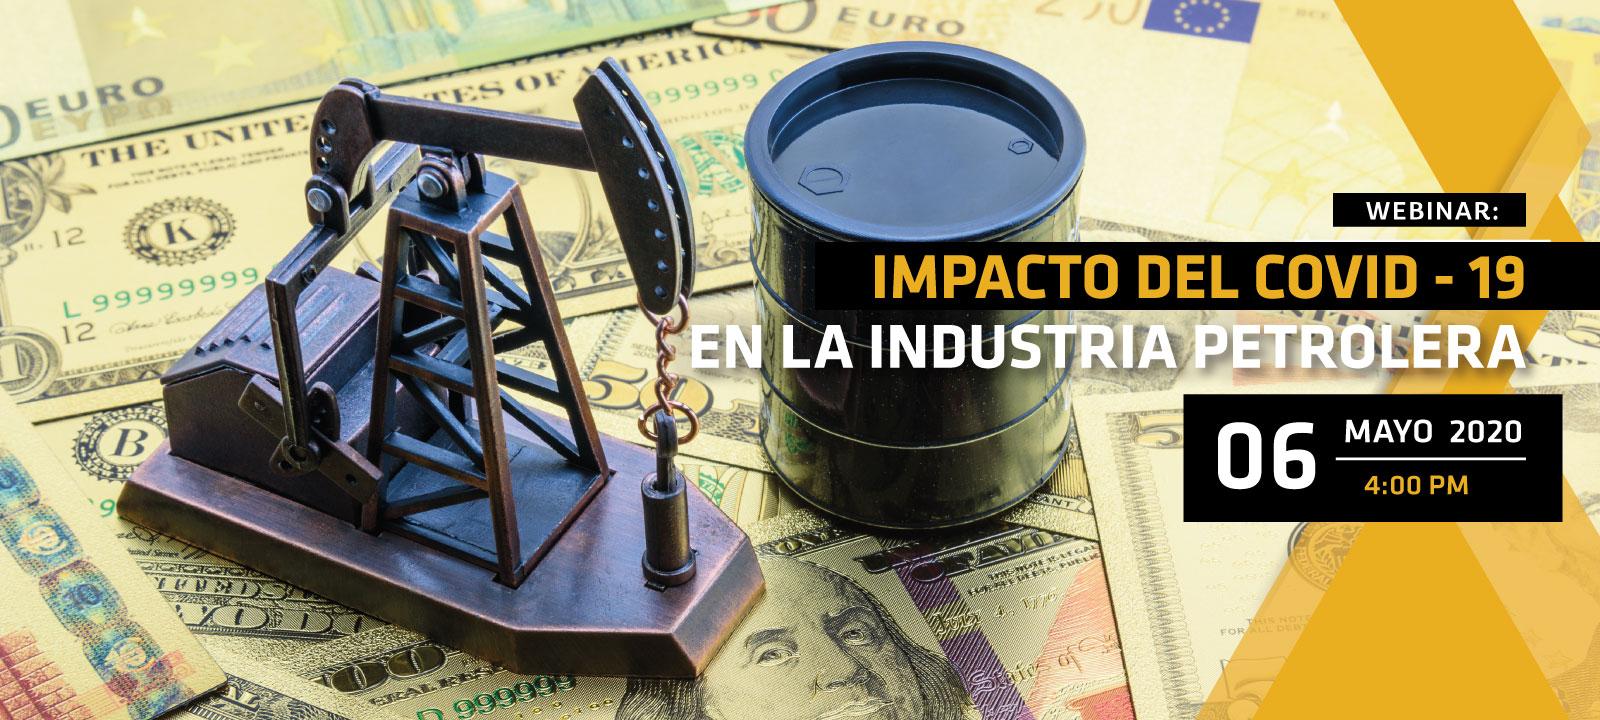 Conozca sobre las consecuencias que ha traído el COVID-19 a la industria del petróleo